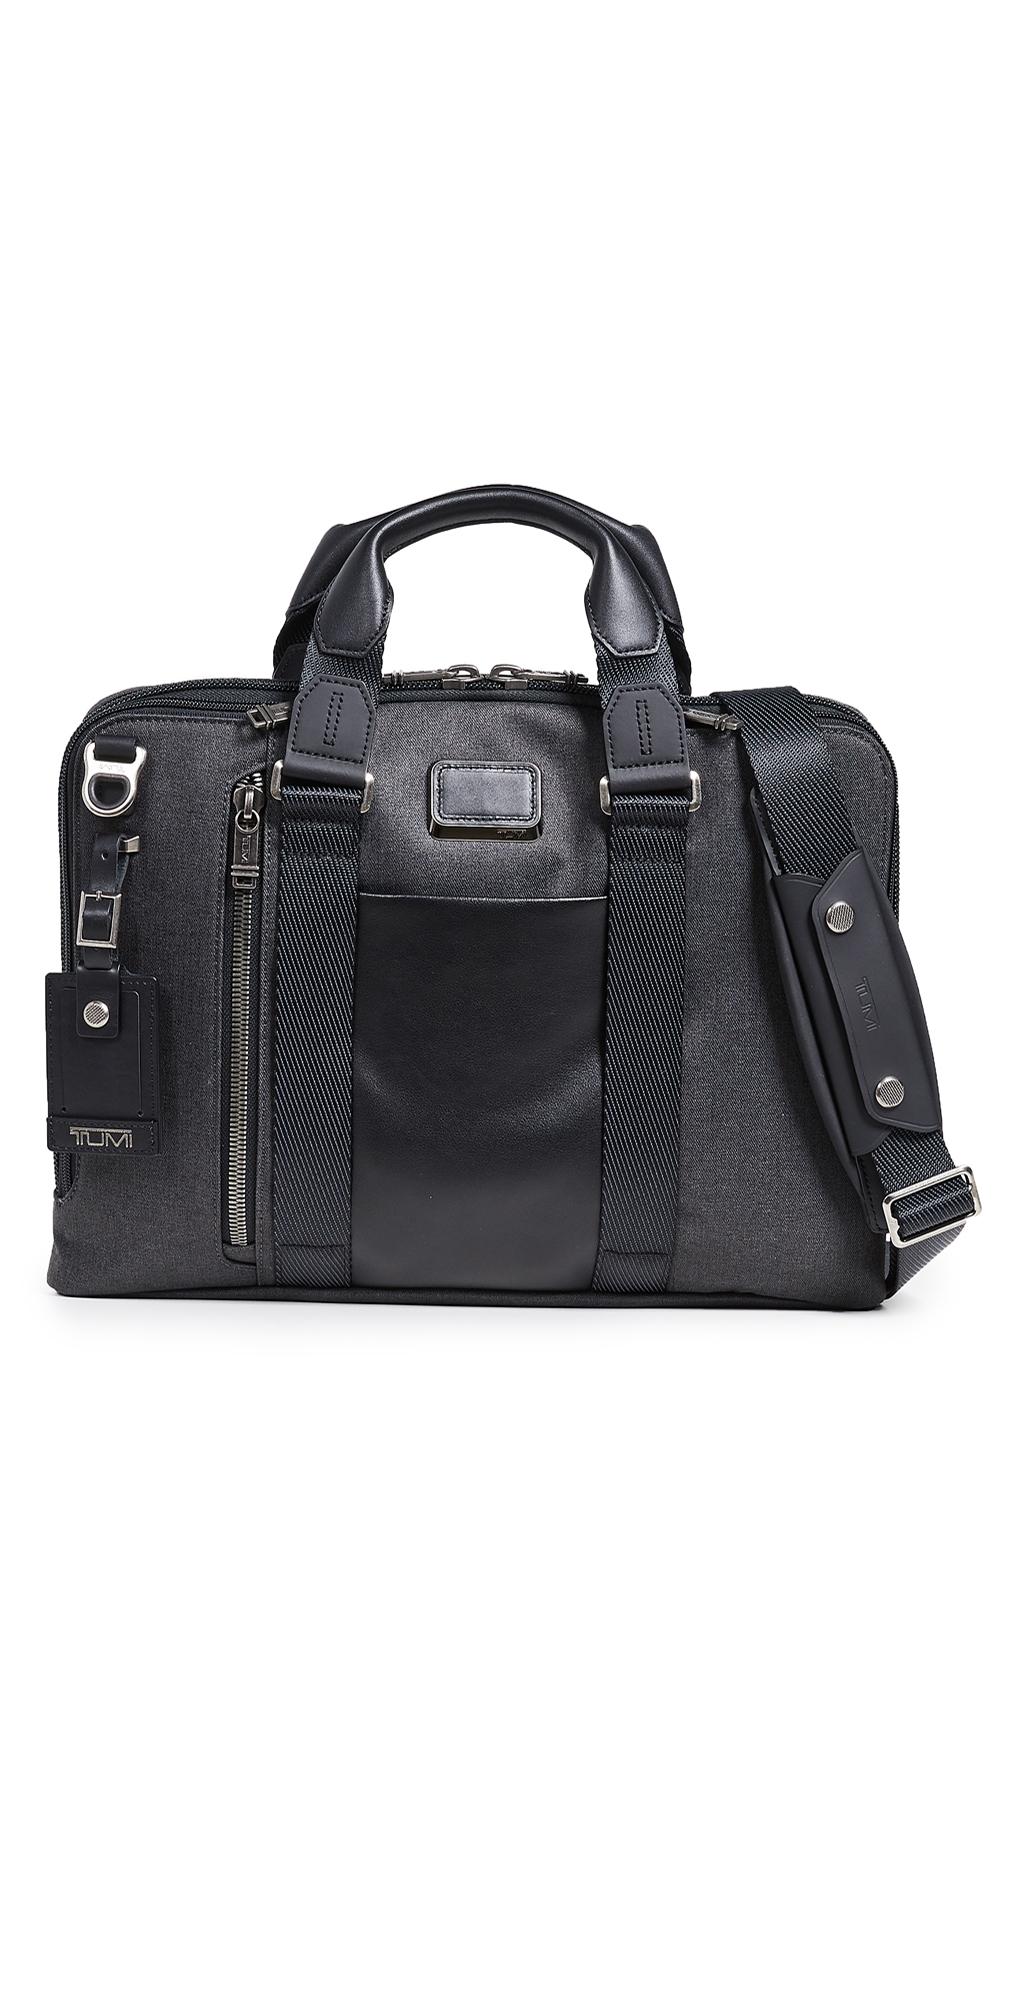 Tumi Alpha Bravo Aviano Slim Briefcase